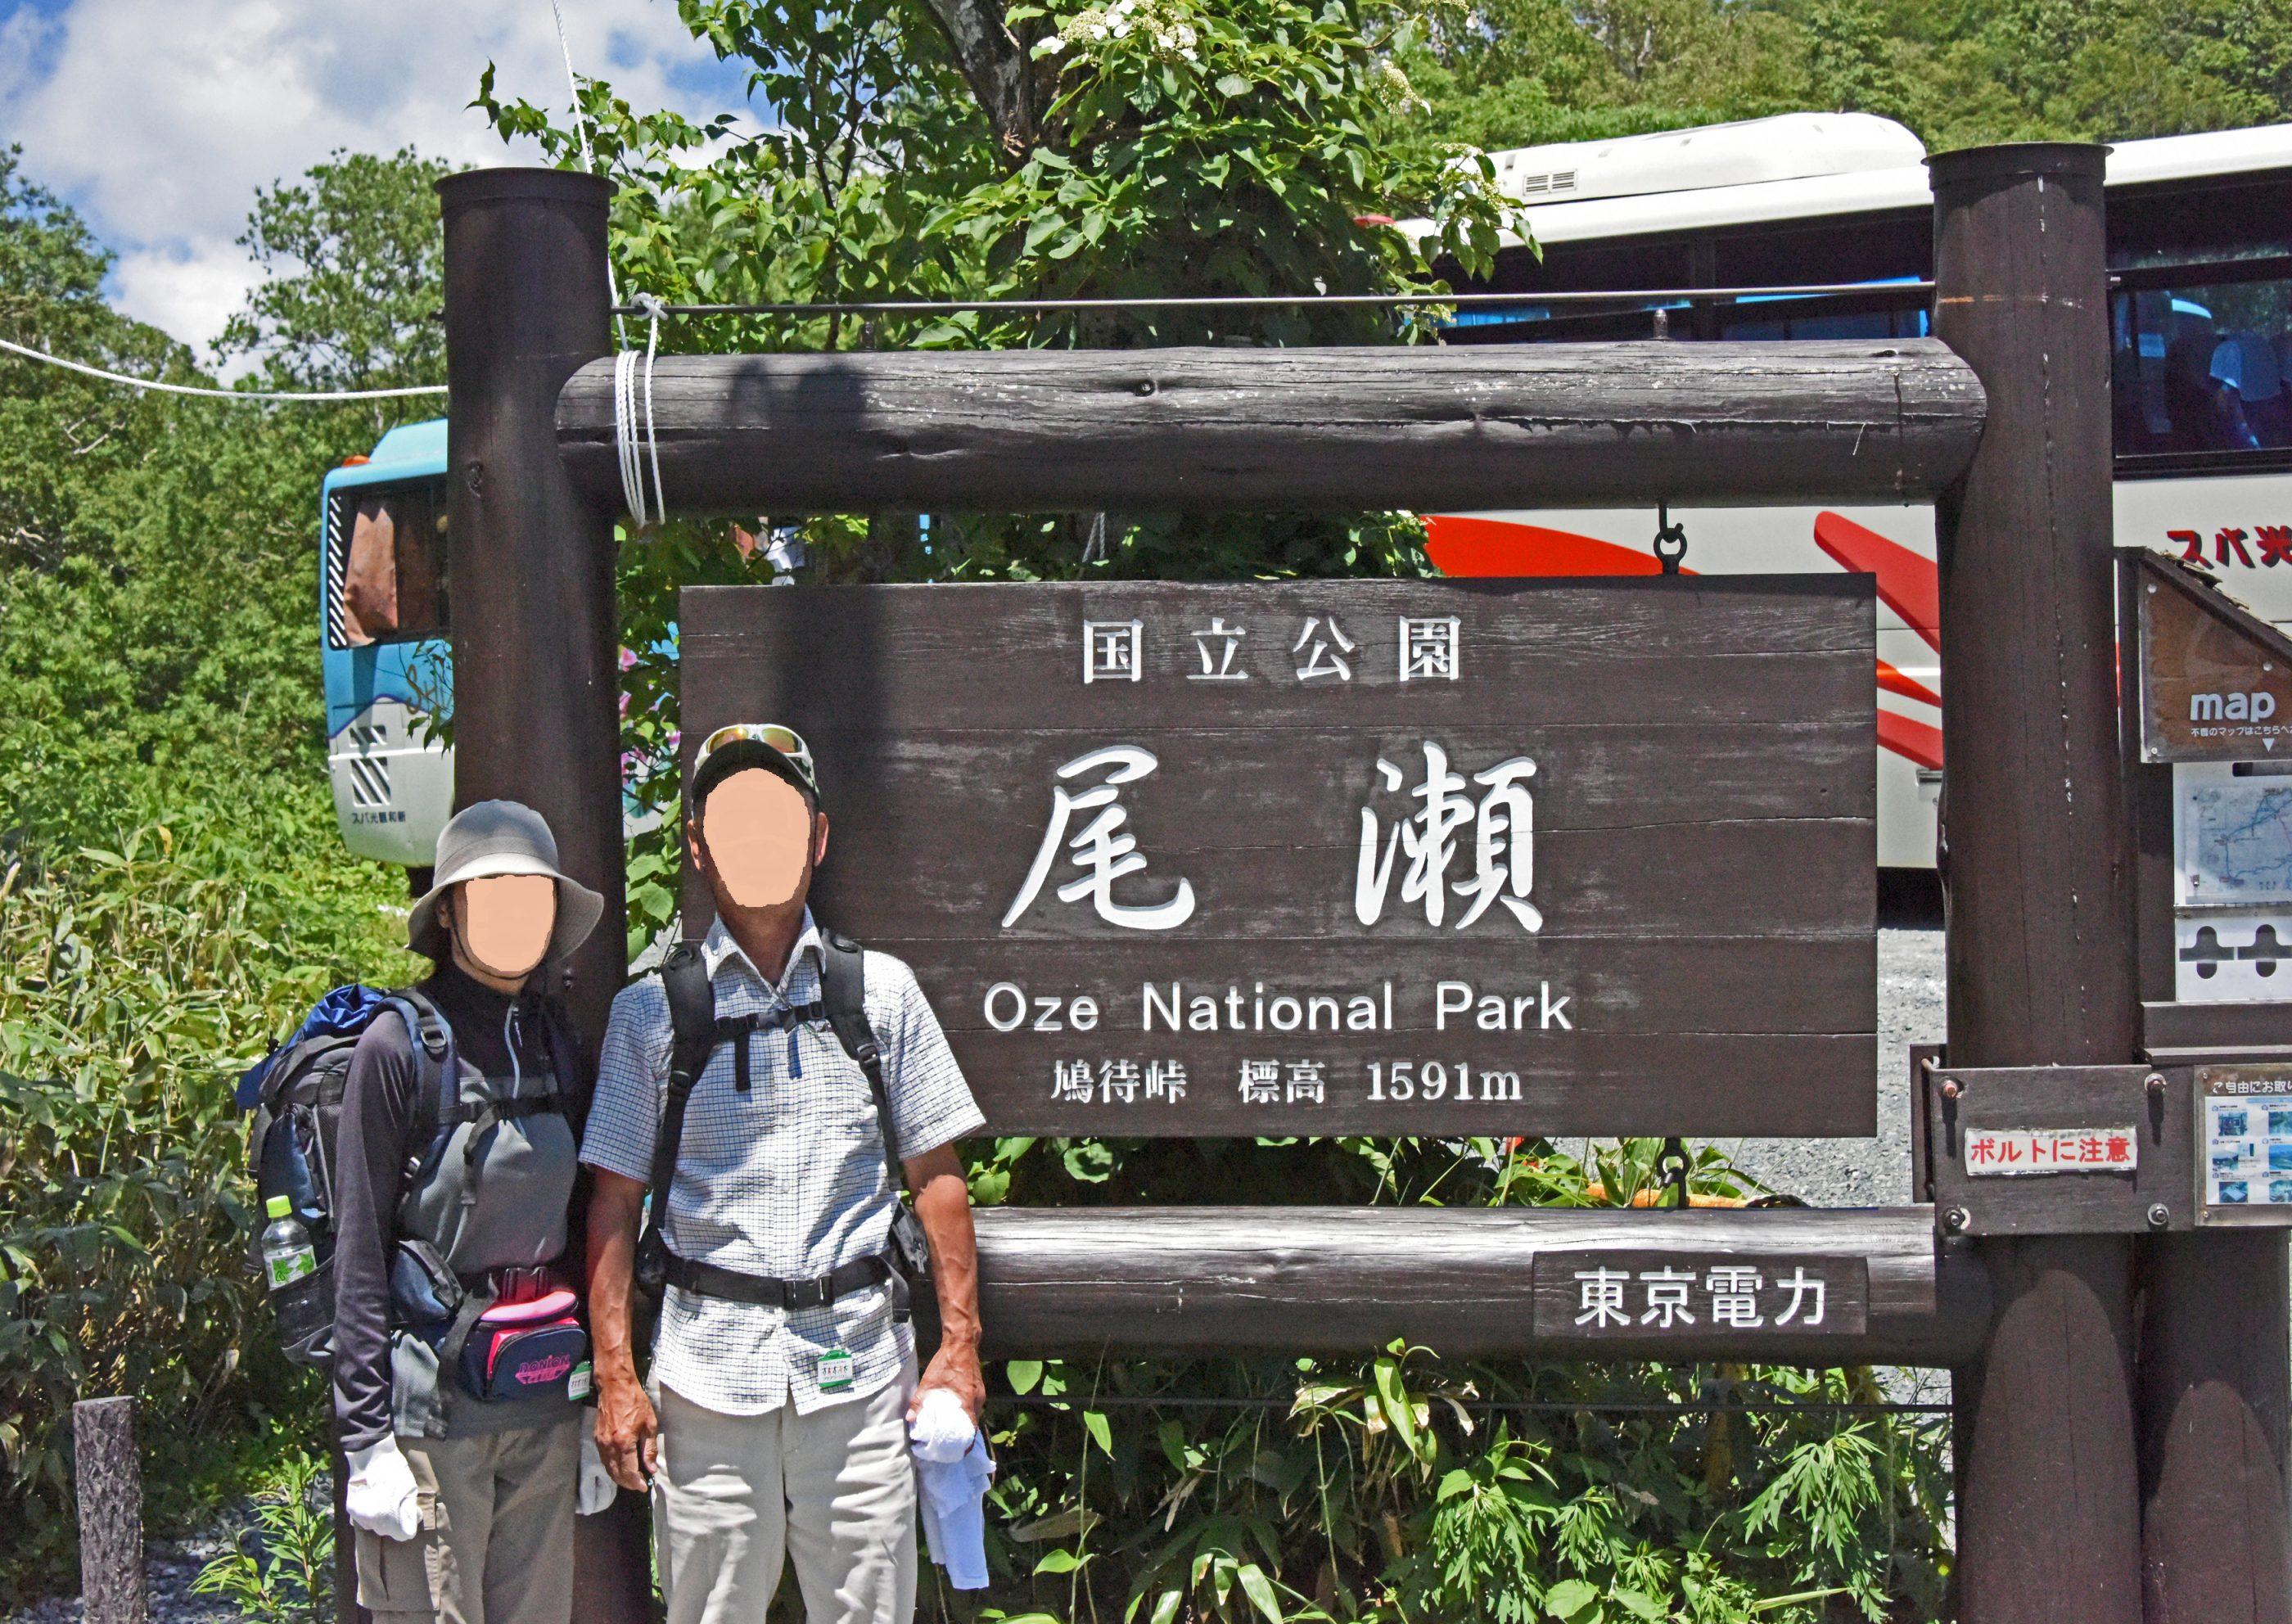 ⇑ 鳩待峠 スタートポイント この左側より降りて行きます。結構きつい処も有り、肢の様子が良くなさそうなおじいさんが、ちょっと歩いただけでガイドに引き返しを宣告されました。尾瀬ケ原という事で平地を想像されてこられたのかな!登山だと思って来られる方が正しいようです。